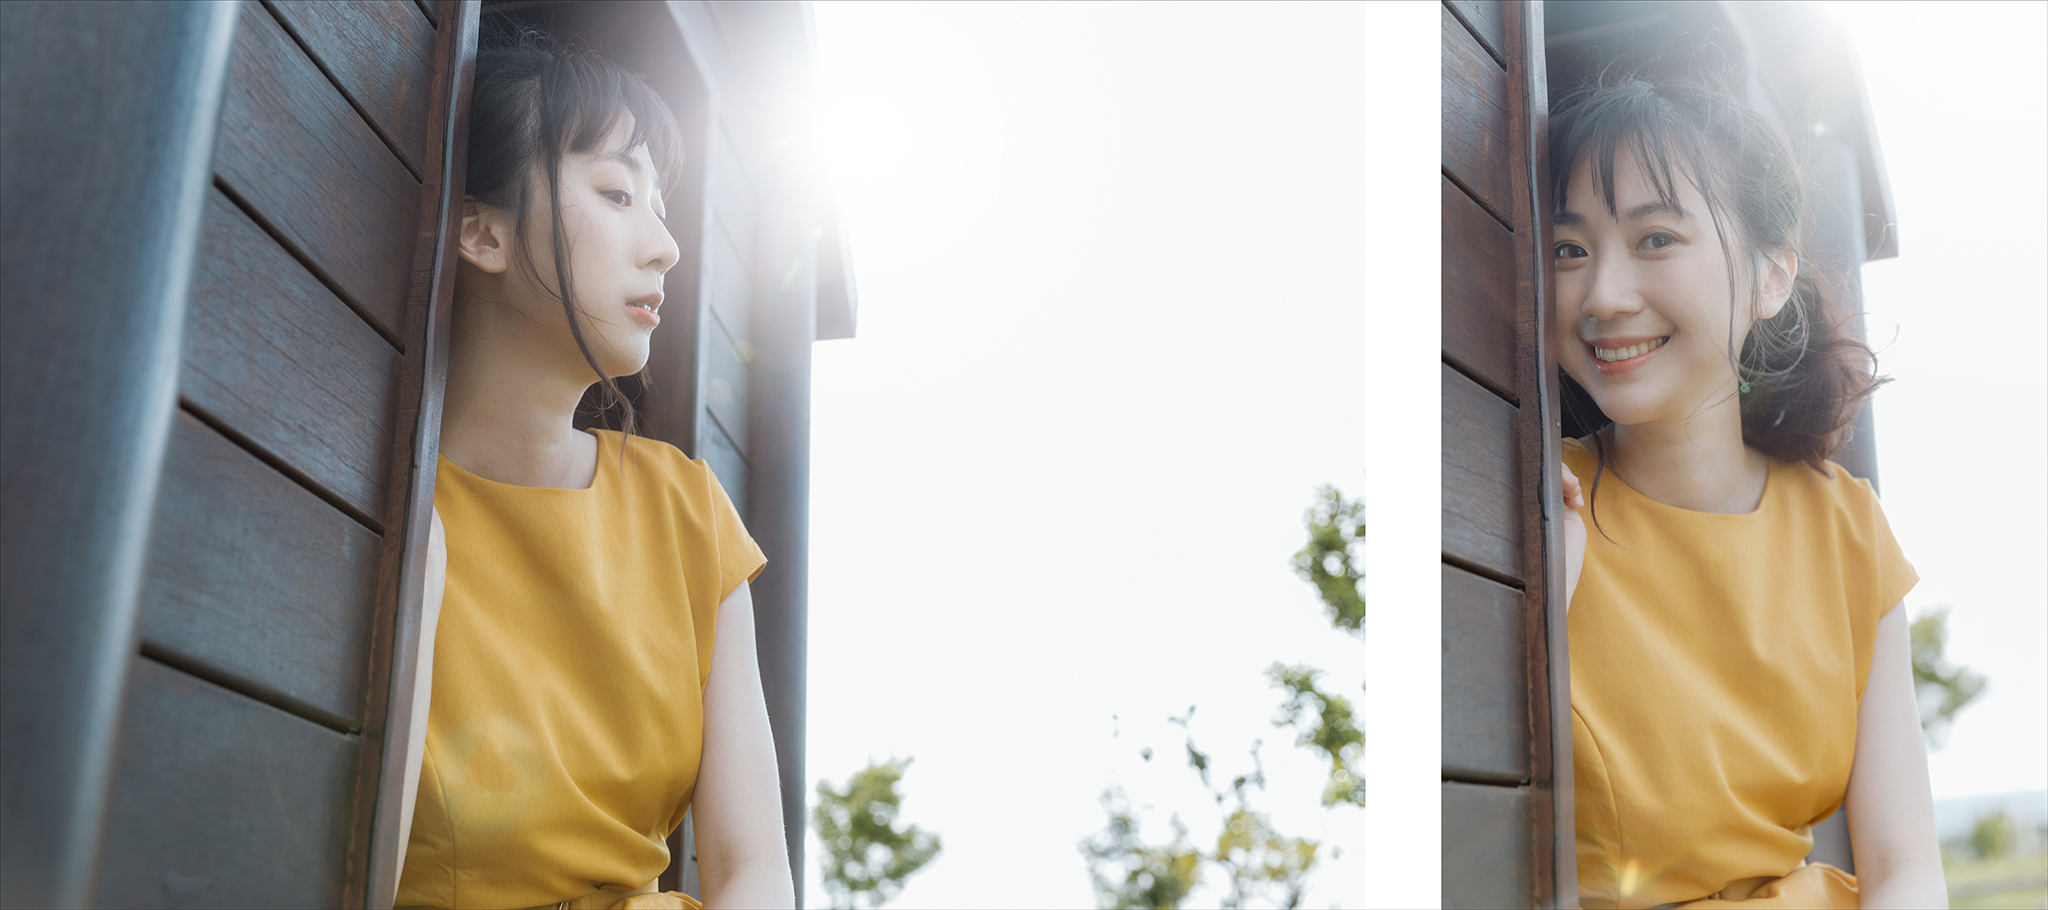 50066936591 a355fd286e o - 【夏季寫真】+Melody+